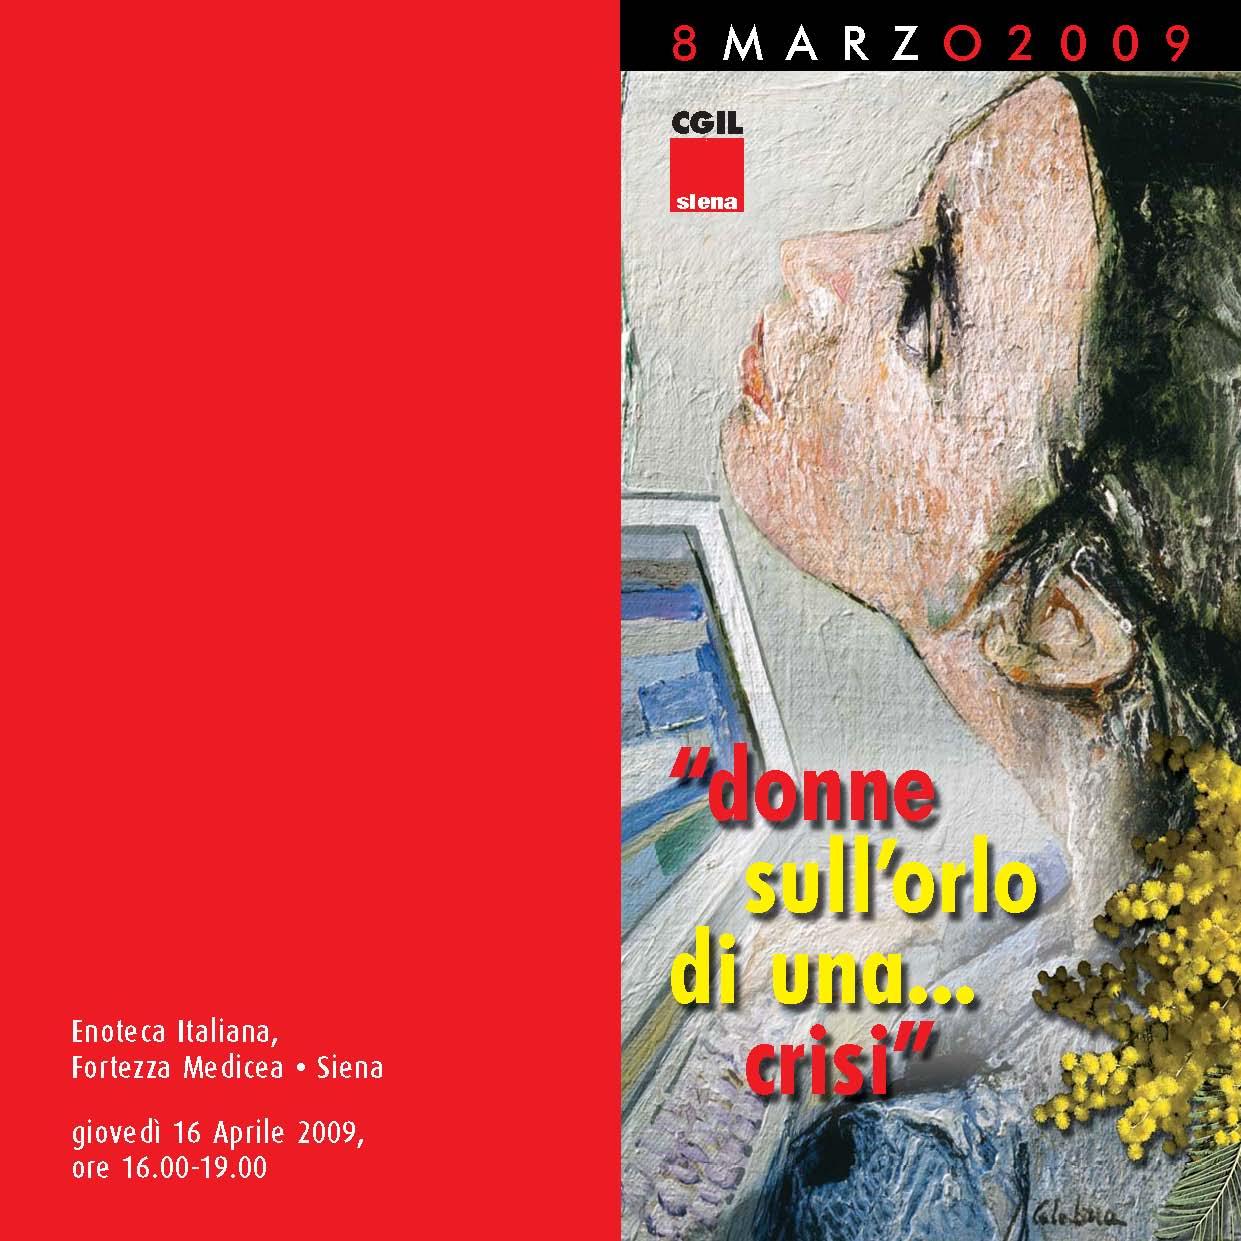 invito-donne-160409_page_1.jpg